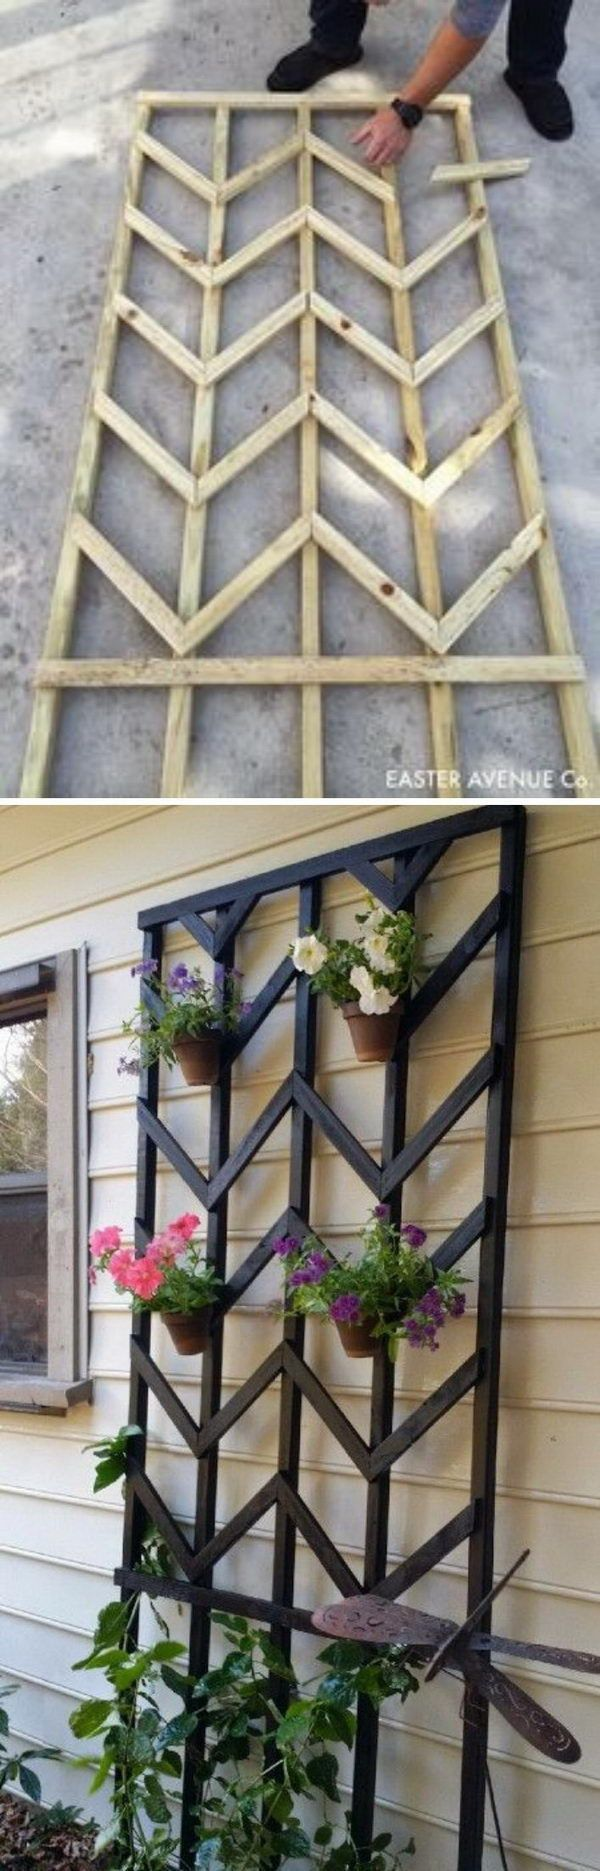 Für beide Seiten der Veranda Gartenbetten ... würde ein schönes visuelles auf die Stuck hinzufügen #sideporch